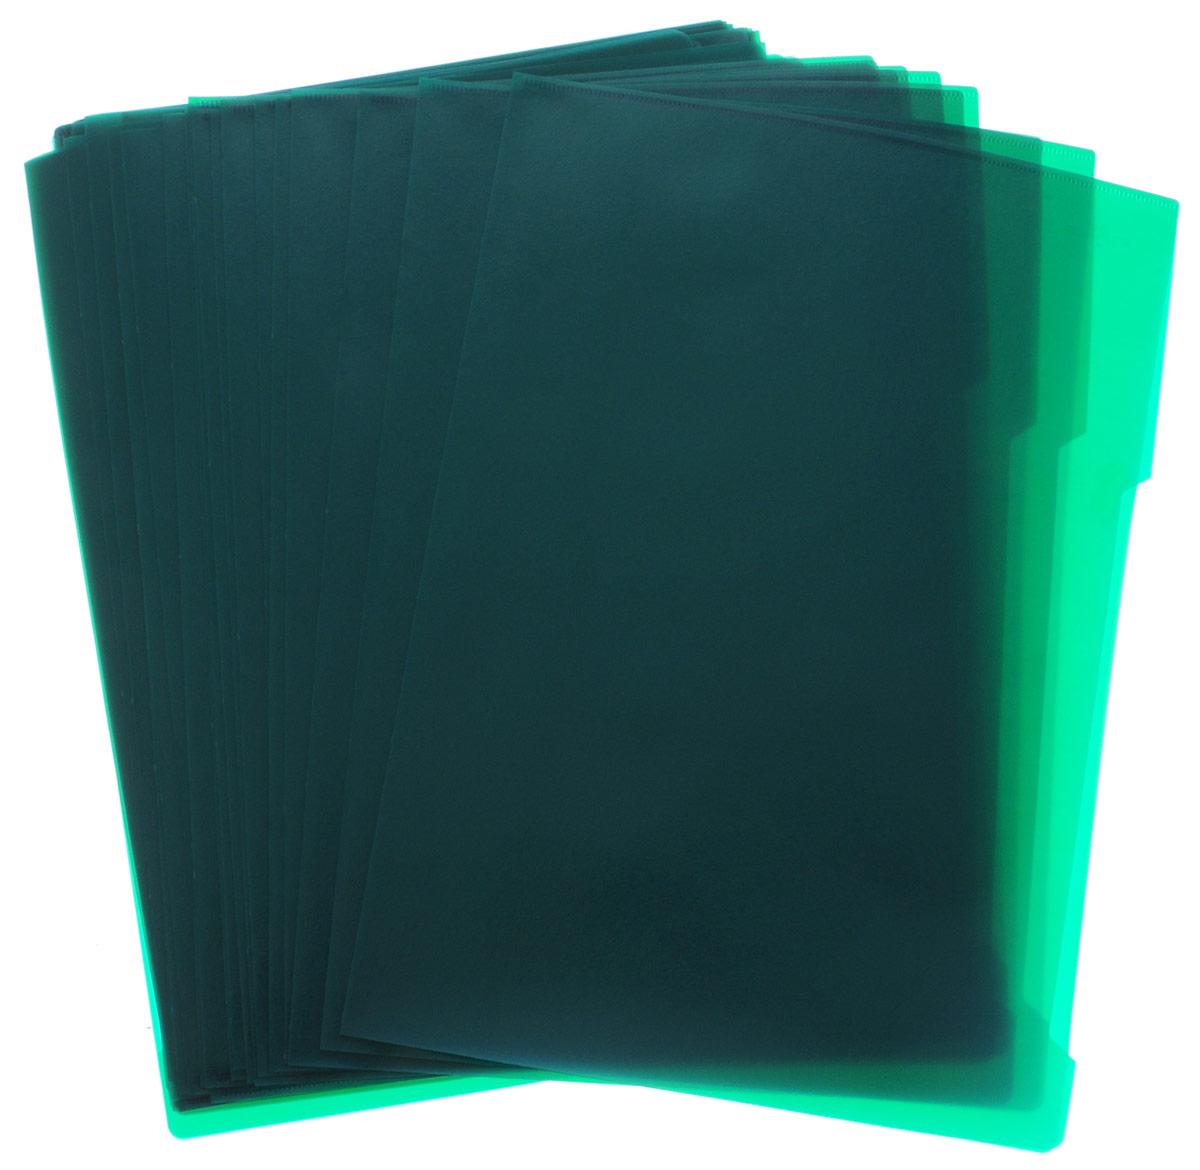 Durable Папка-уголок цвет зеленый 50 шт2312-05Папка-уголок Durable изготовлена из высококачественного полипропилена. Это удобный и практичный офисный инструмент, предназначенный для хранения и транспортировки рабочих бумаг и документов формата А4. Папка оснащена выемкой для перелистывания листов. В наборе - 50 папок зеленого цвета. Папка-уголок - это незаменимый атрибут для студента, школьника, офисного работника. Такая папка надежно сохранит ваши документы и сбережет их от повреждений, пыли и влаги.